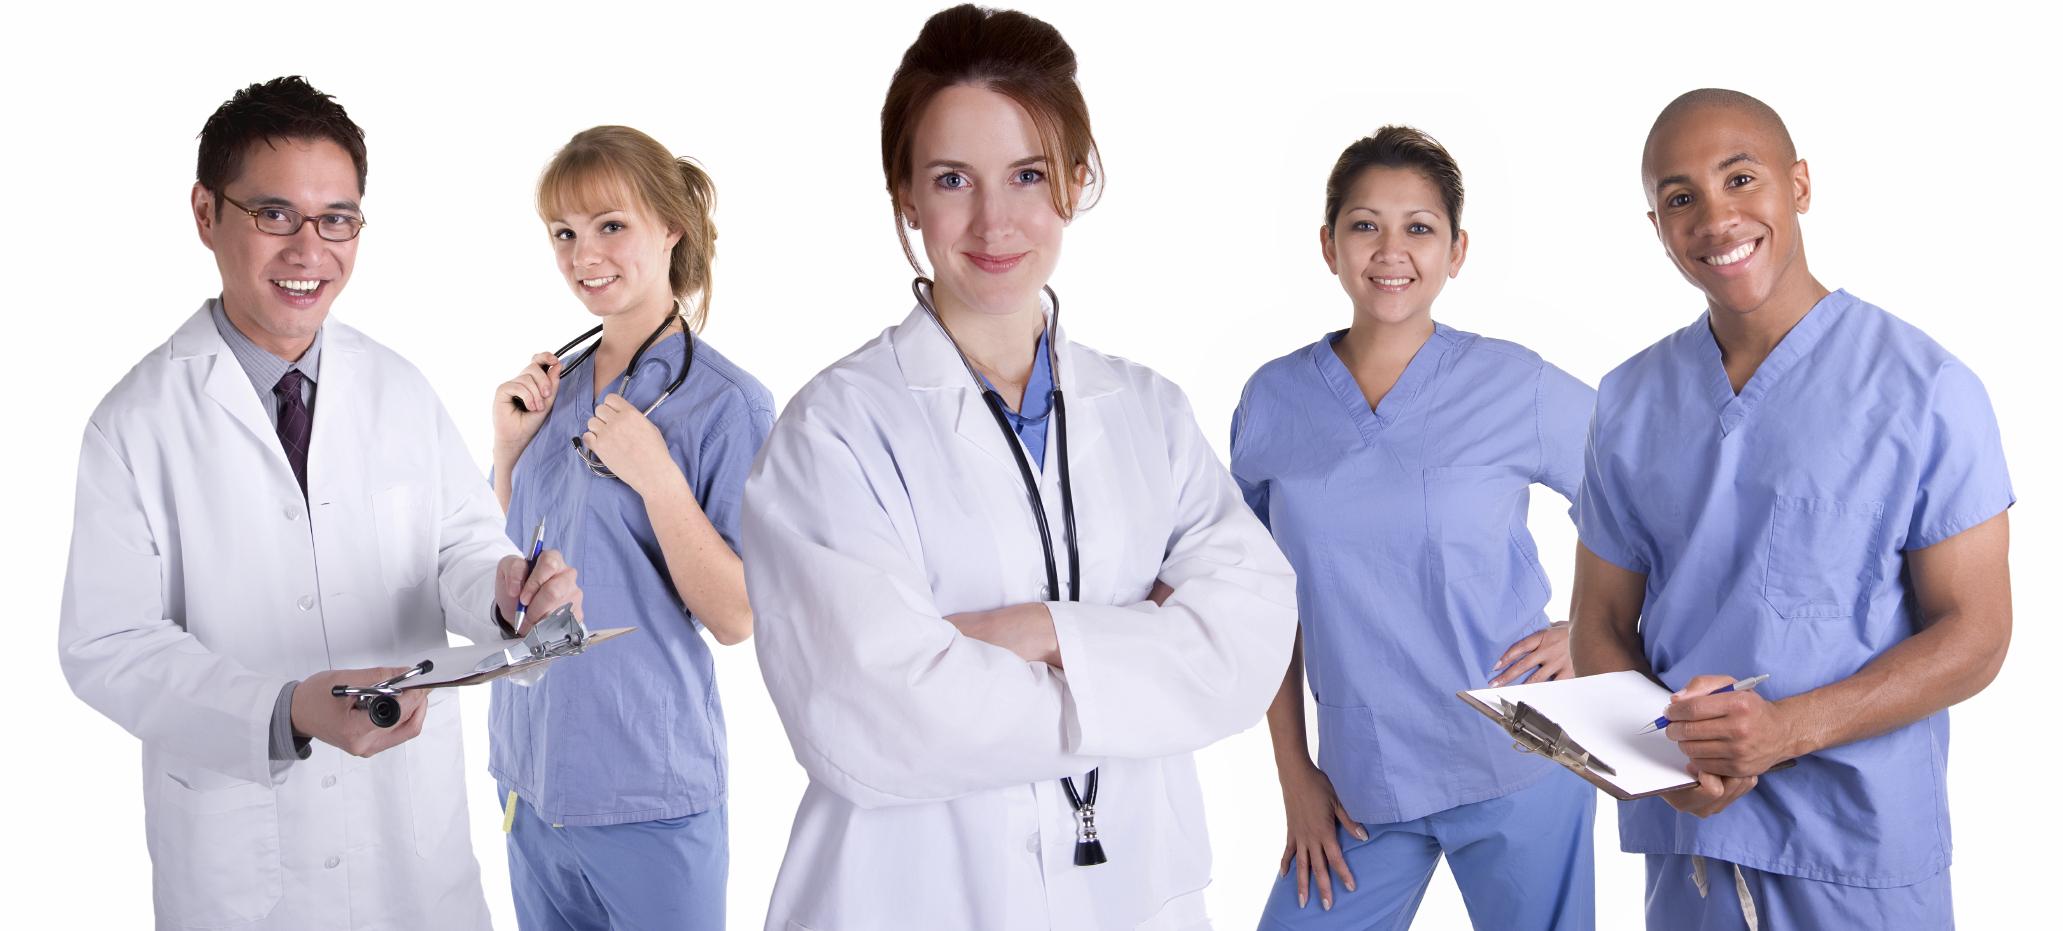 訪問看護師、他職種、連携